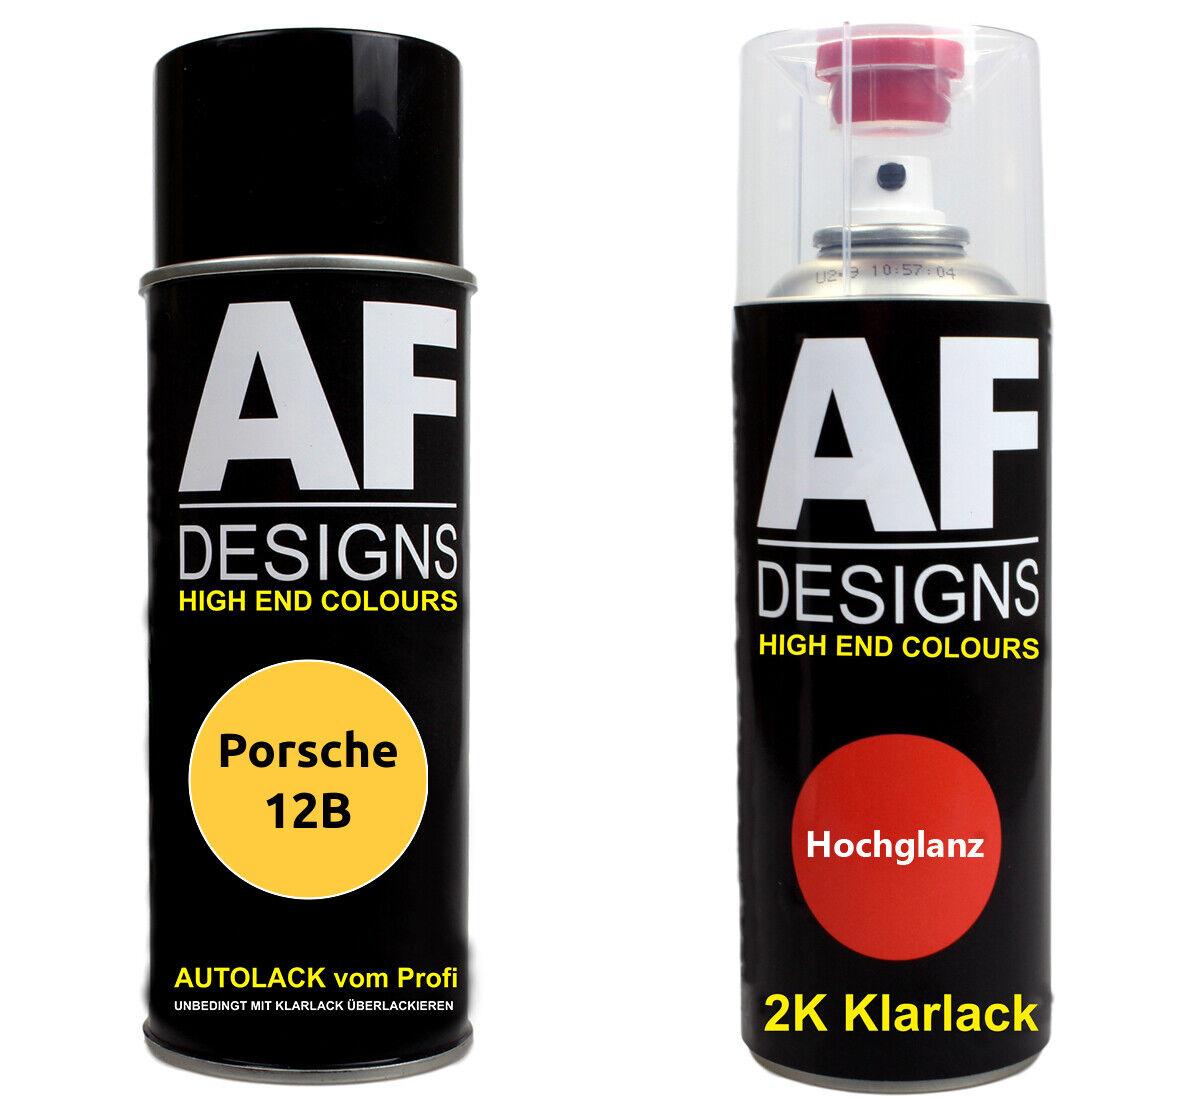 Autolack Spraydose Set Porsche 12B Camelgelb Basislack 2k Klarlack Sprühdose 40